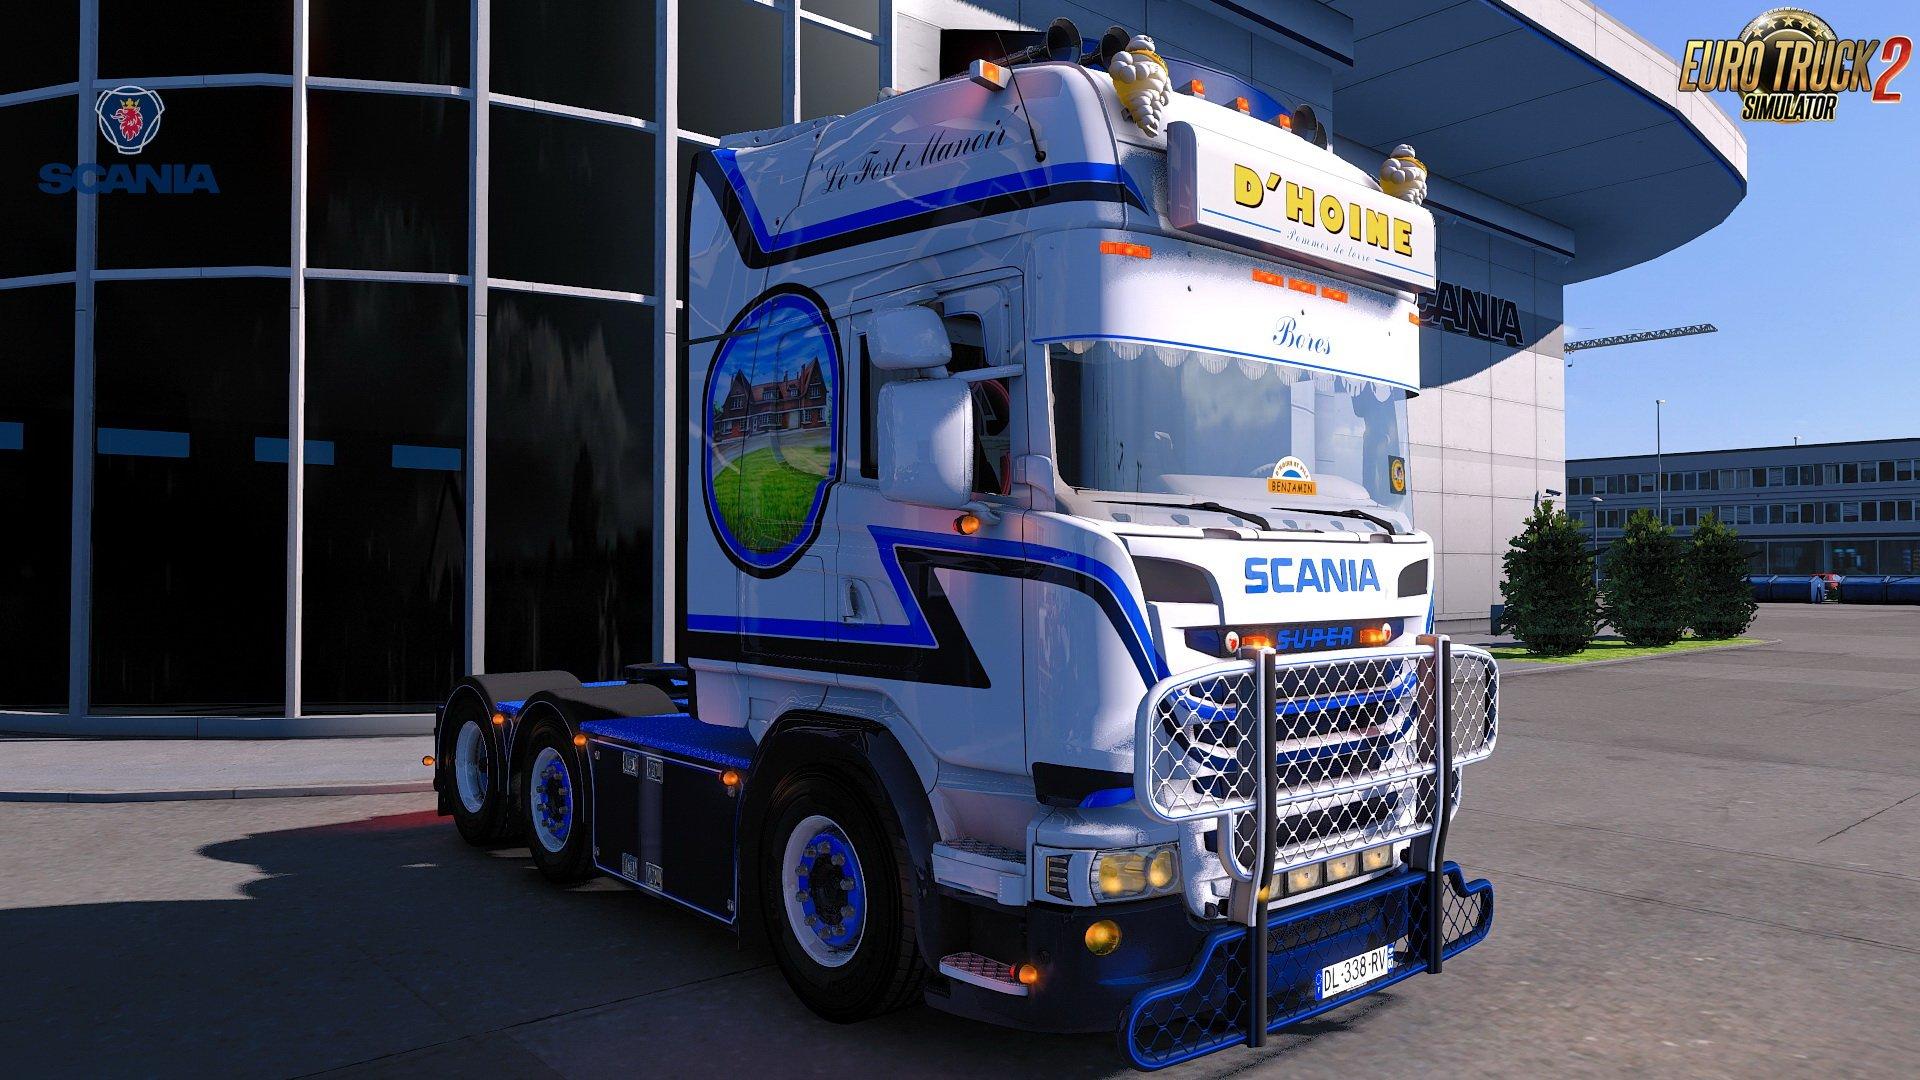 Scania R580 D.HOINE Edition + Trailer v1.0 (1.32.x)